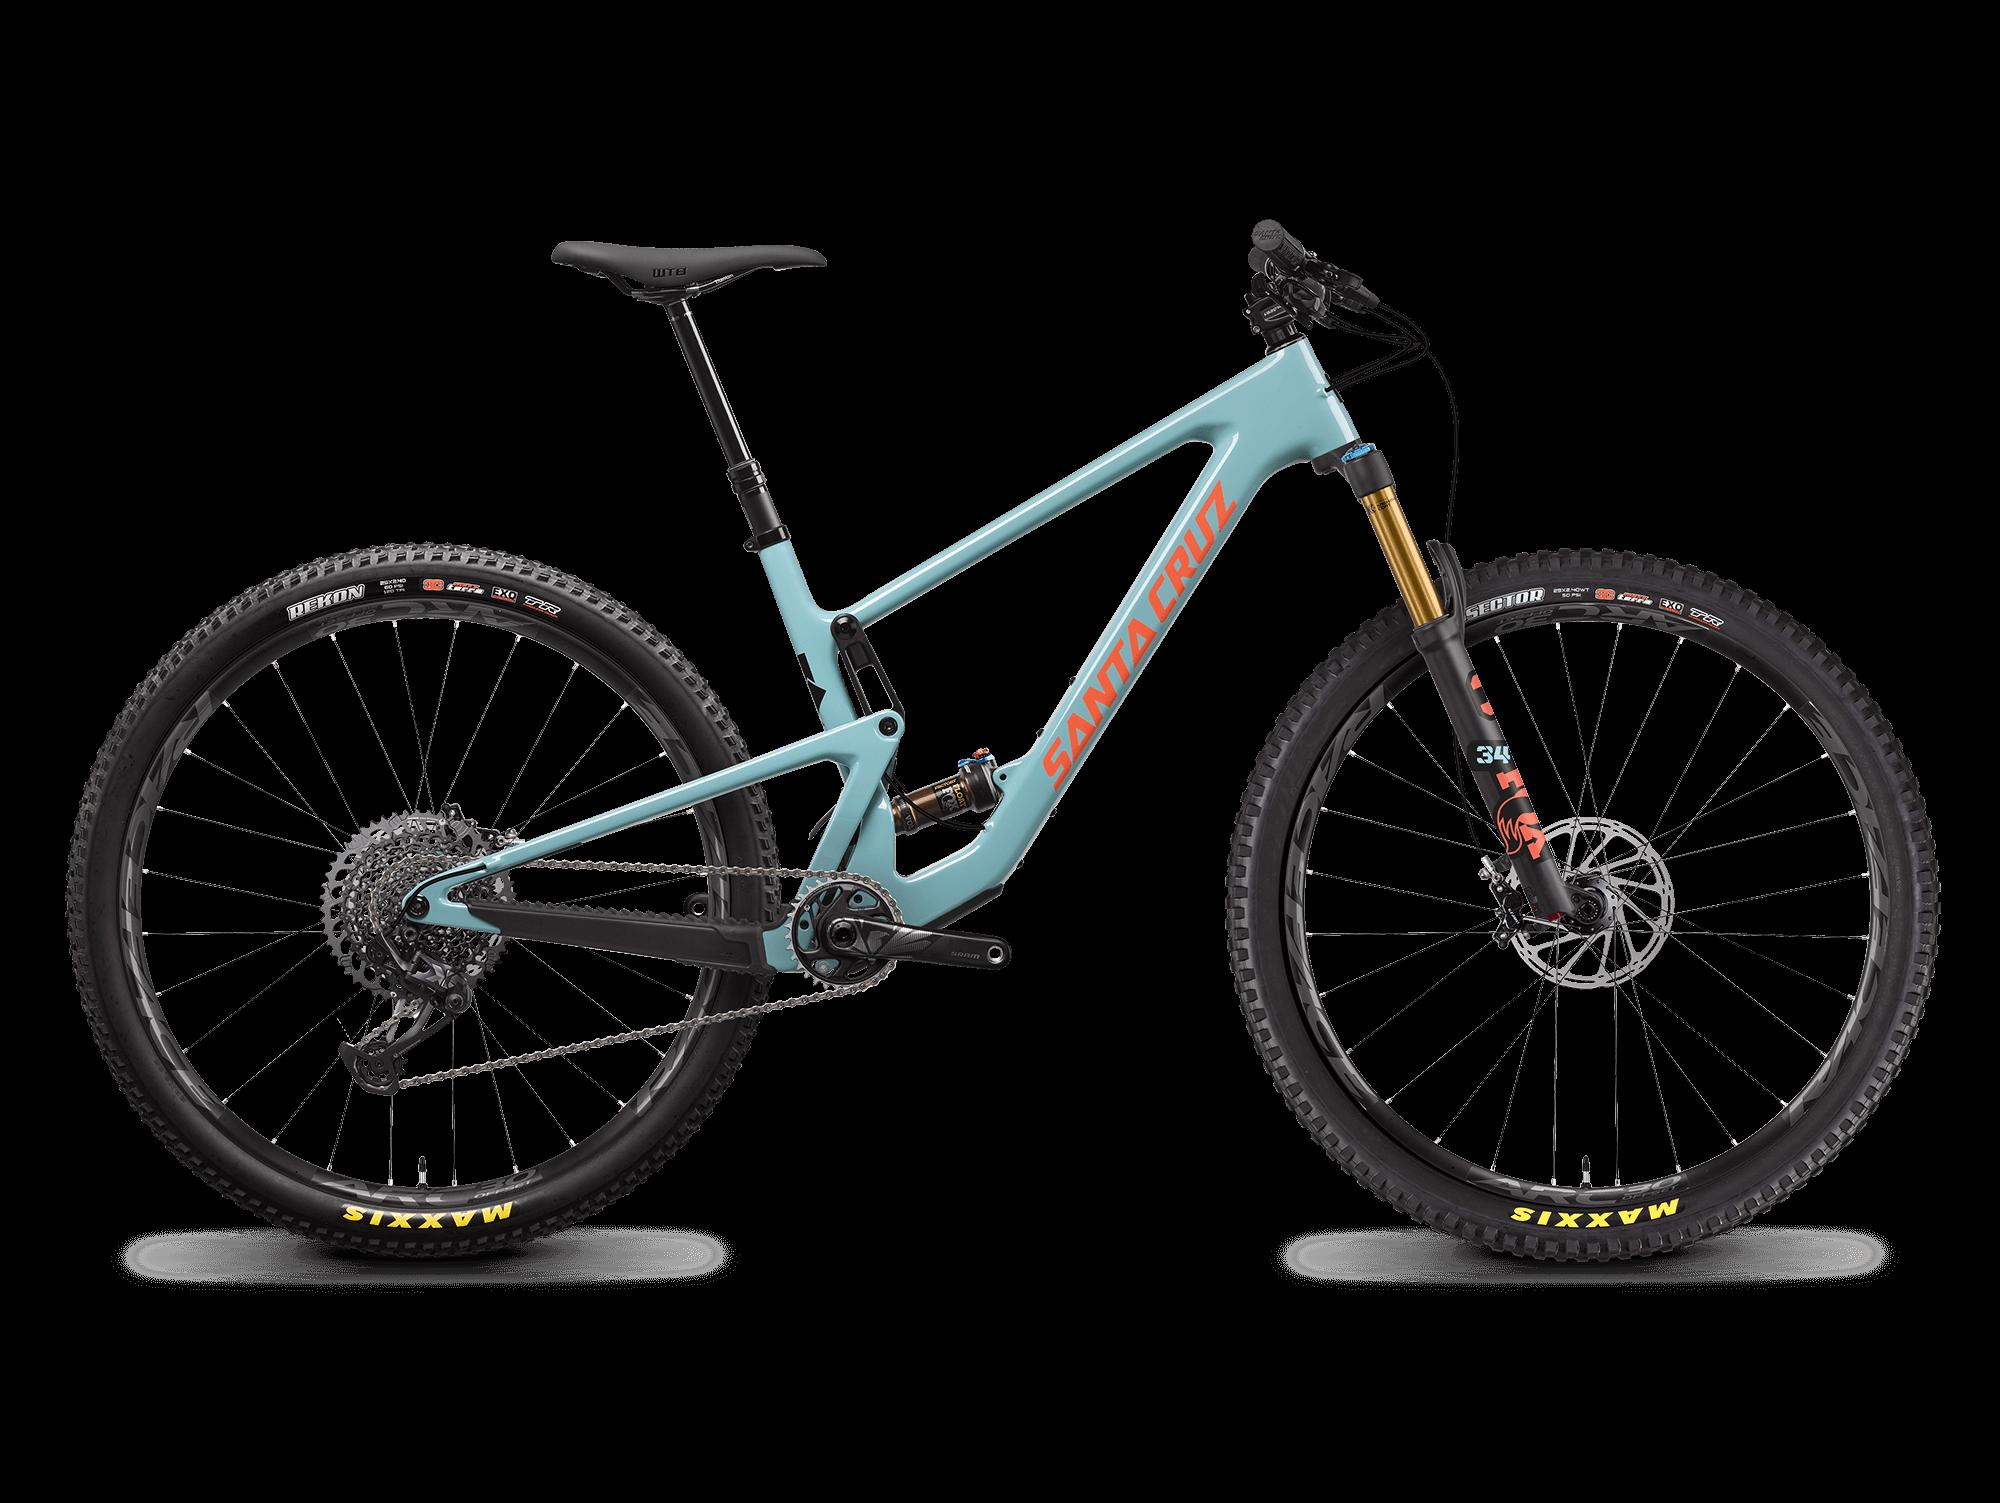 Santa Cruz Tallboy V4 CC X01 Kit | Modell 2022